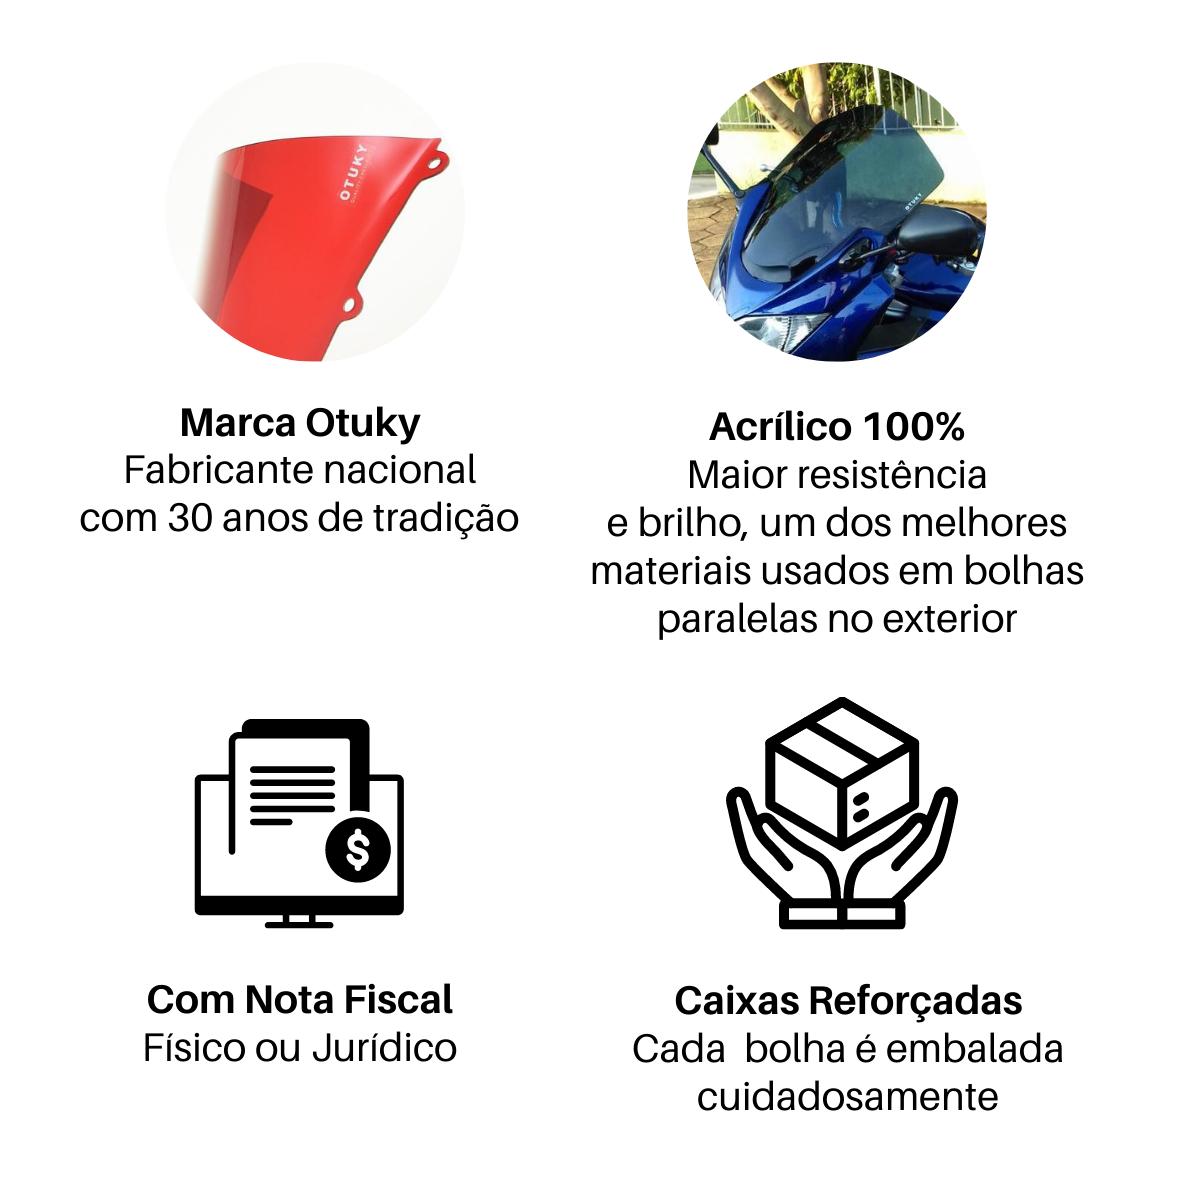 Bolha para Moto Elefantré 30.0 Padrão Otuky Fumê Marrom